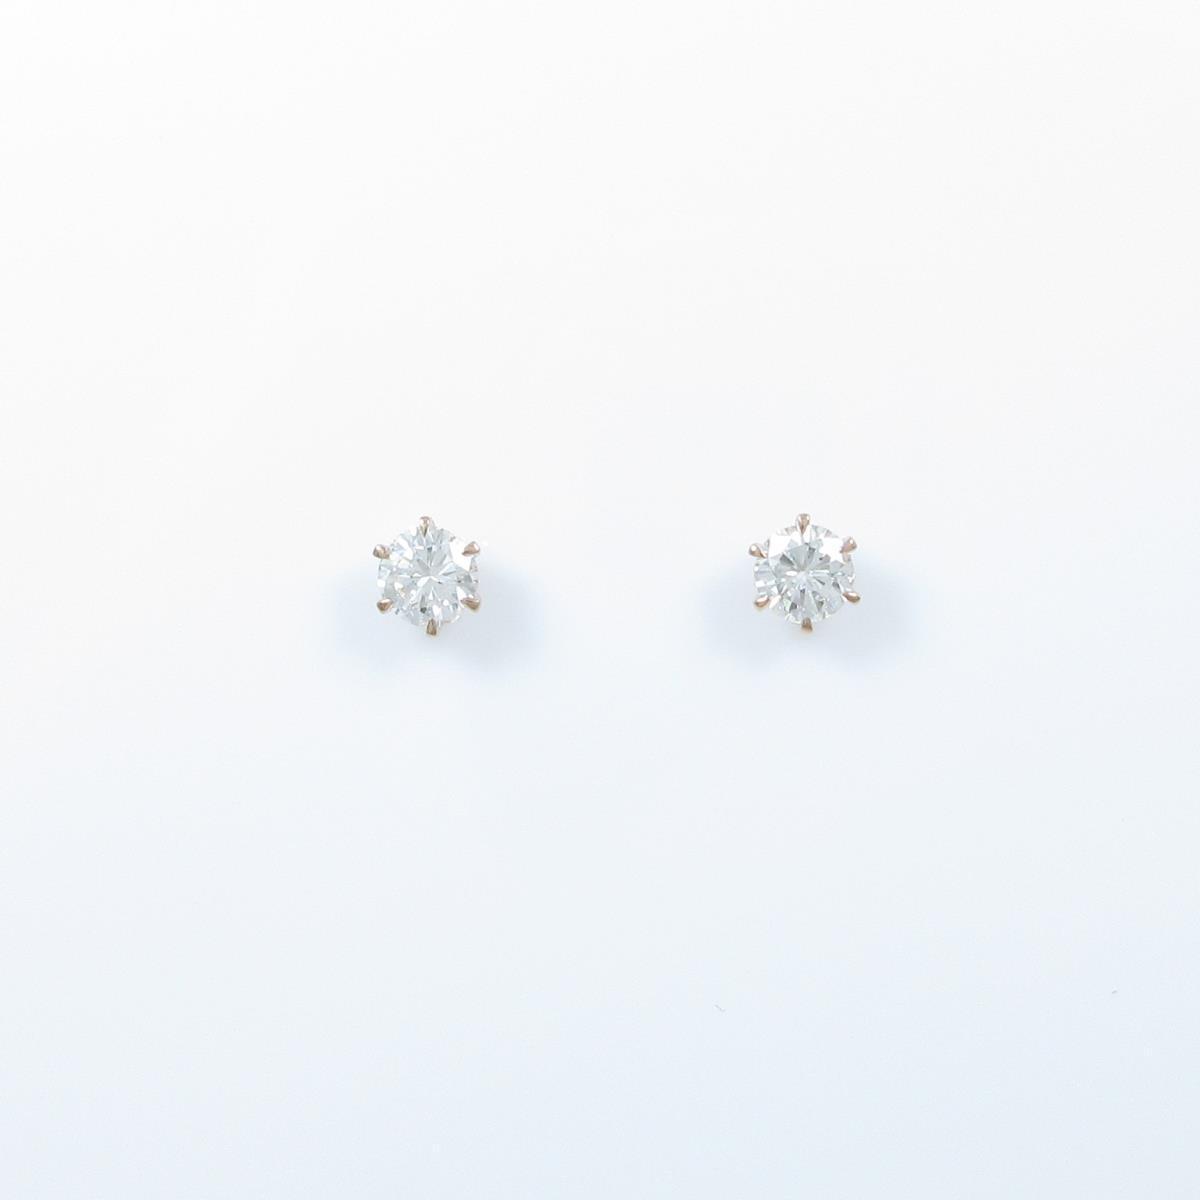 【リメイク】K18PG/ST ダイヤモンドピアス 0.250ct・0.260ct・H・VS1-2・GOOD【中古】